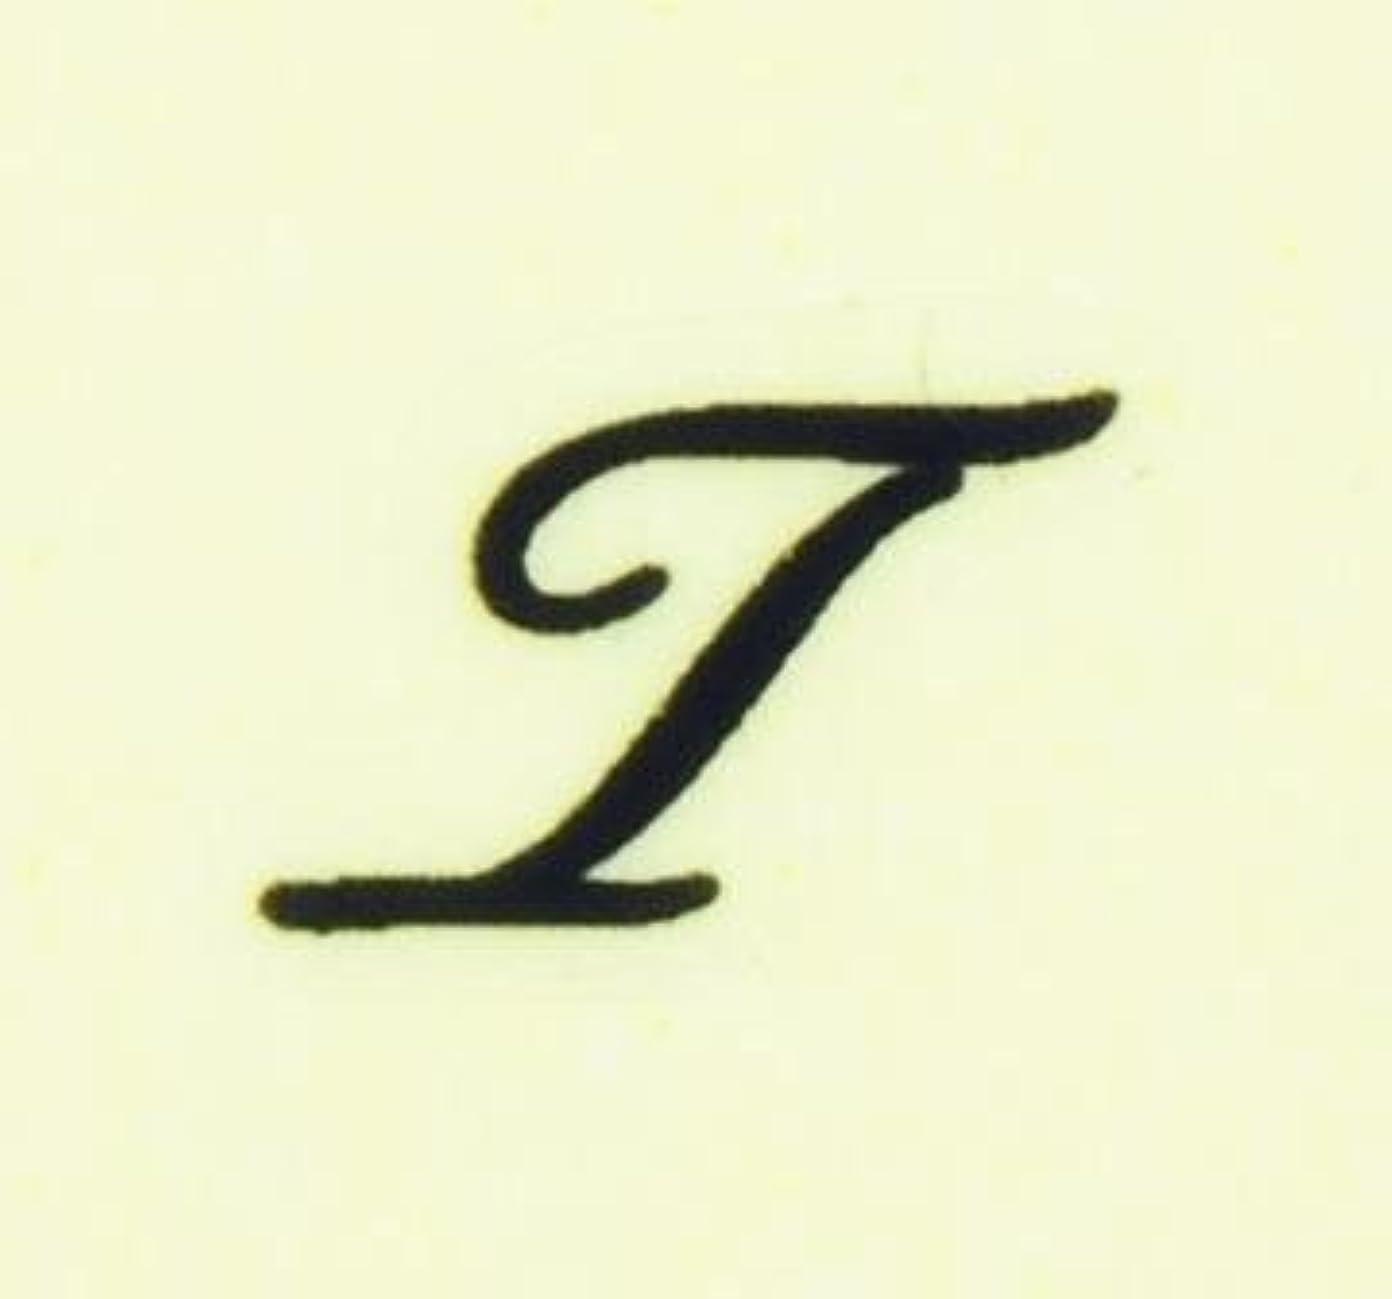 密オーバーフロー肺ネイルシール【アルファベット】1筆記体(T)BK/各1シート9枚入